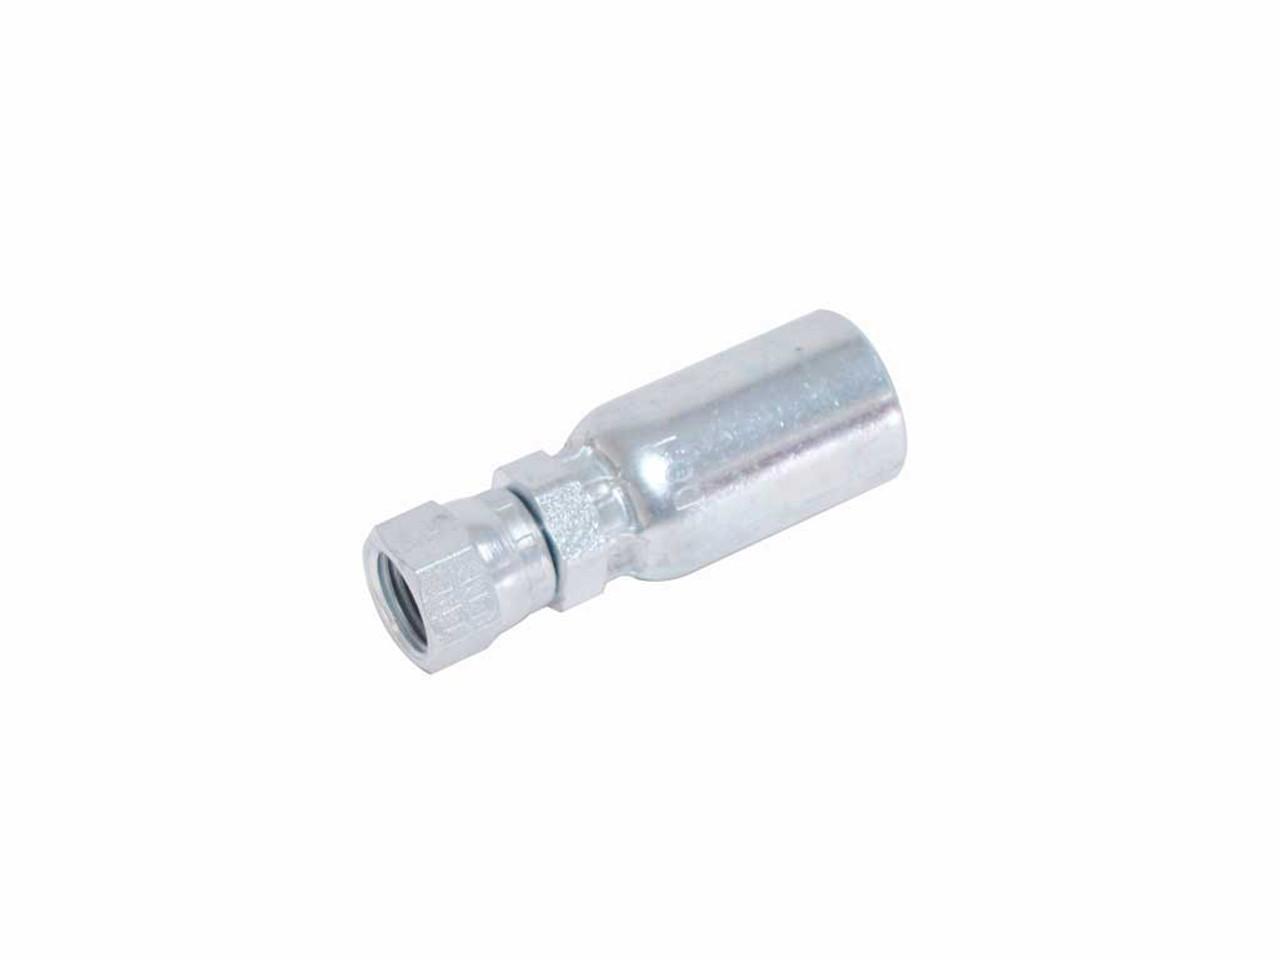 Hose Fitting Hydraulic 106Hy-6-6